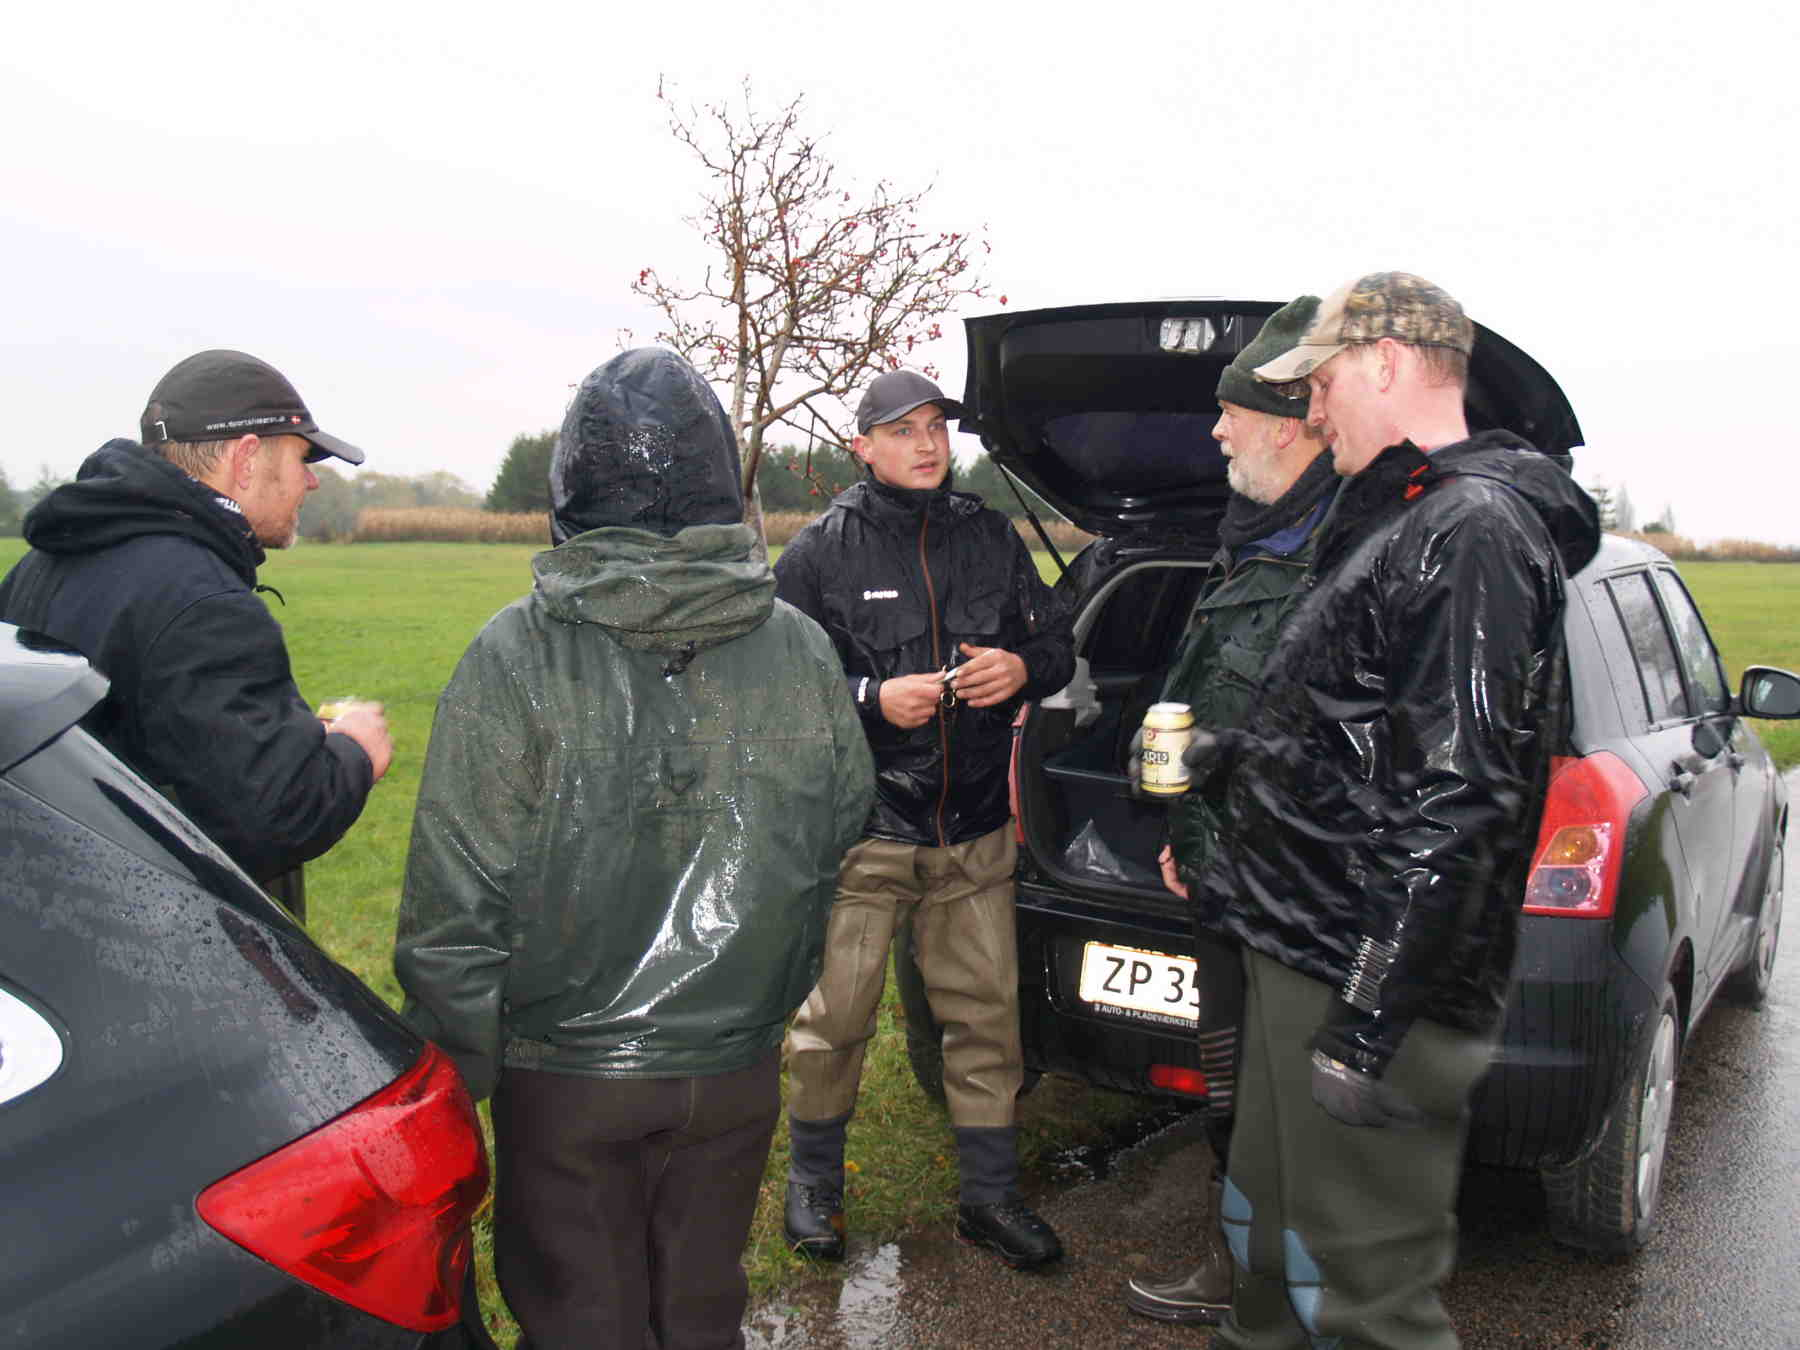 kolde-oel-til-vaade-bandemedlemmer-haarboelle-baek